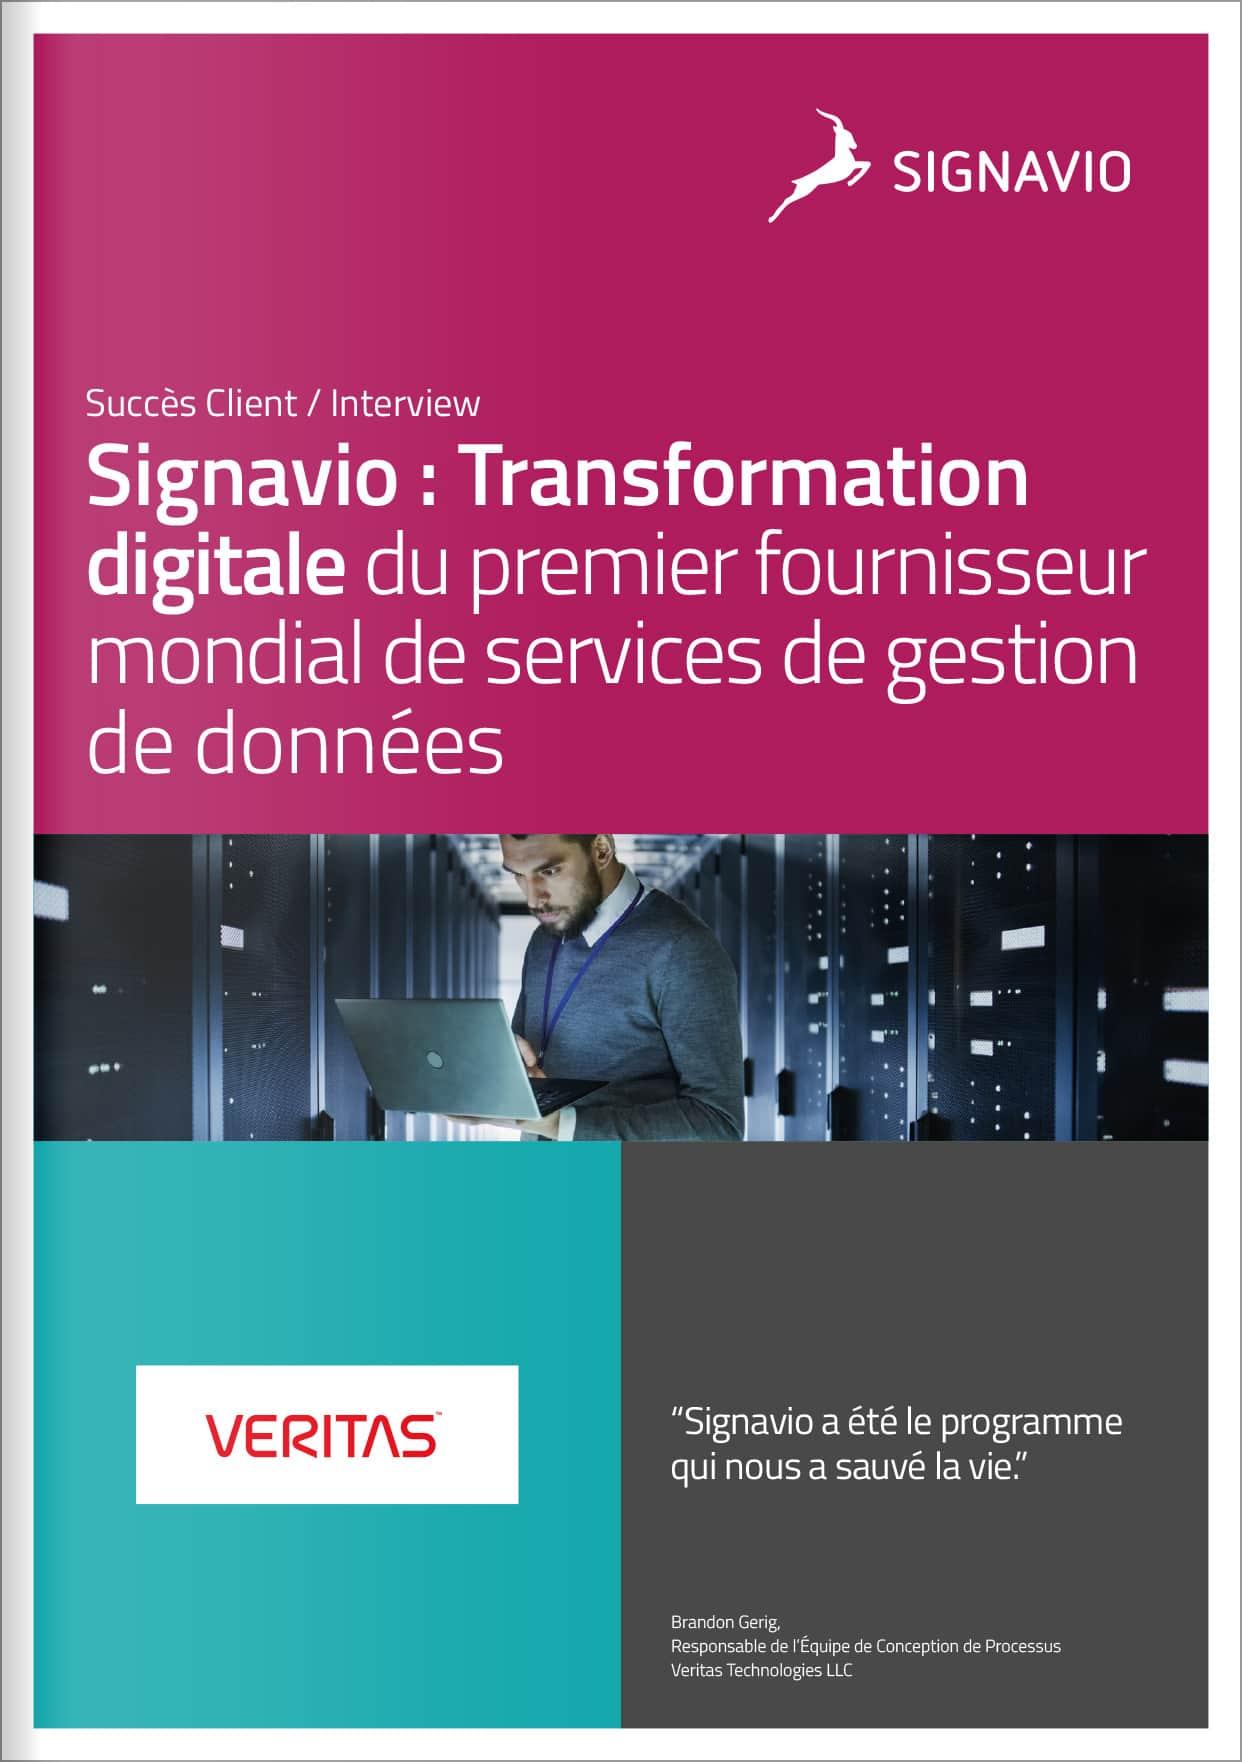 Veritas Customer Interview